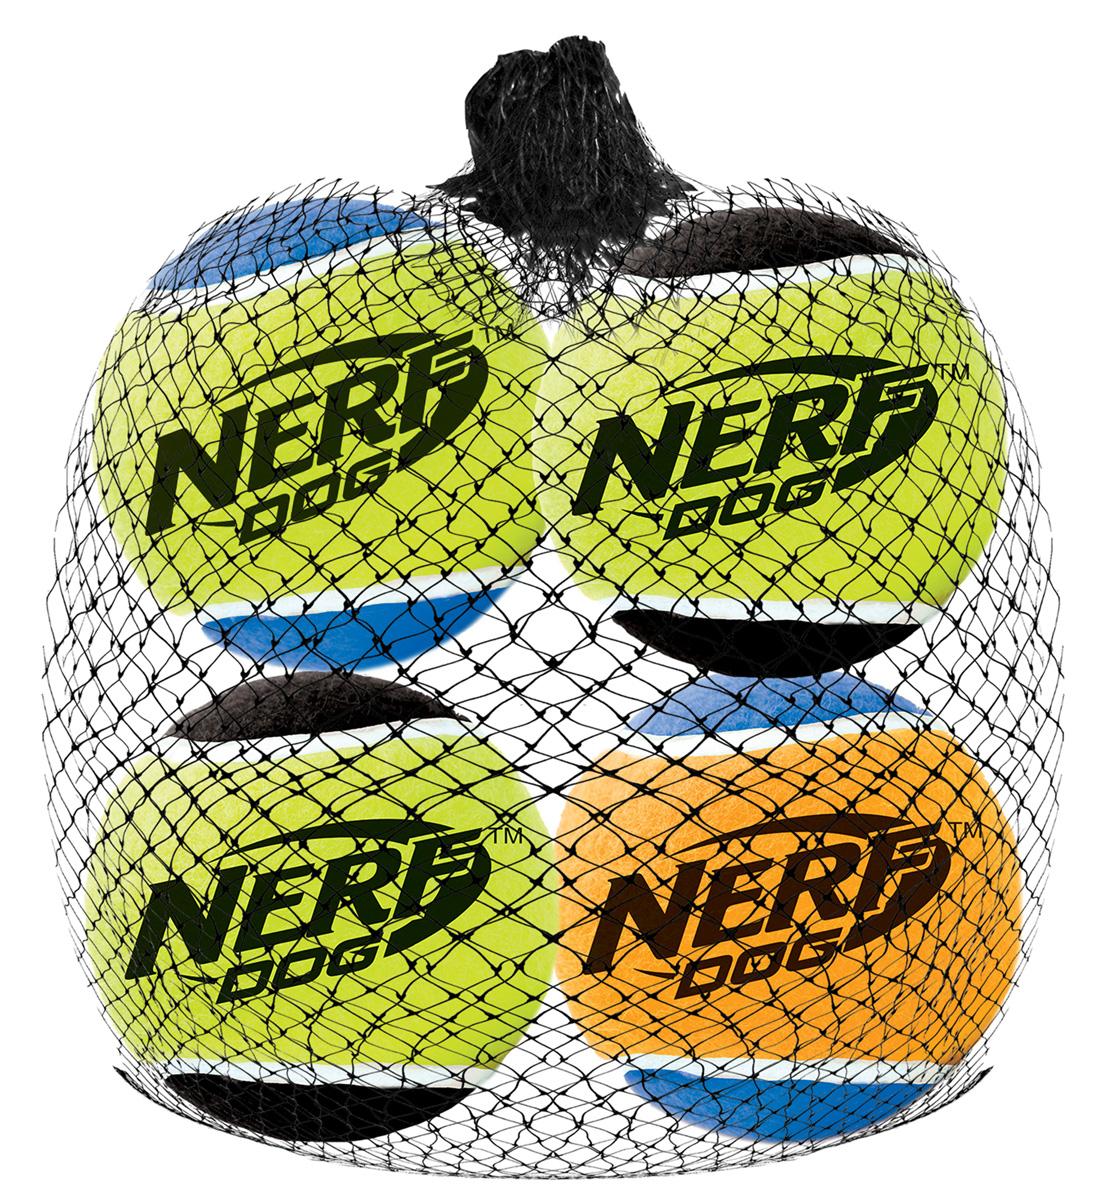 Игрушка для собак Nerf Мяч теннисный, с пищалкой, диаметр 4,5 см, 4 шт0120710Мячи теннисные Nerf выполнены из прочной высококачественной резины. Оснащены пищалкой.Яркие привлекательные цвета.Оптимальный вариант для игры с вашим питомцем.Размер XS: 4,5 см.